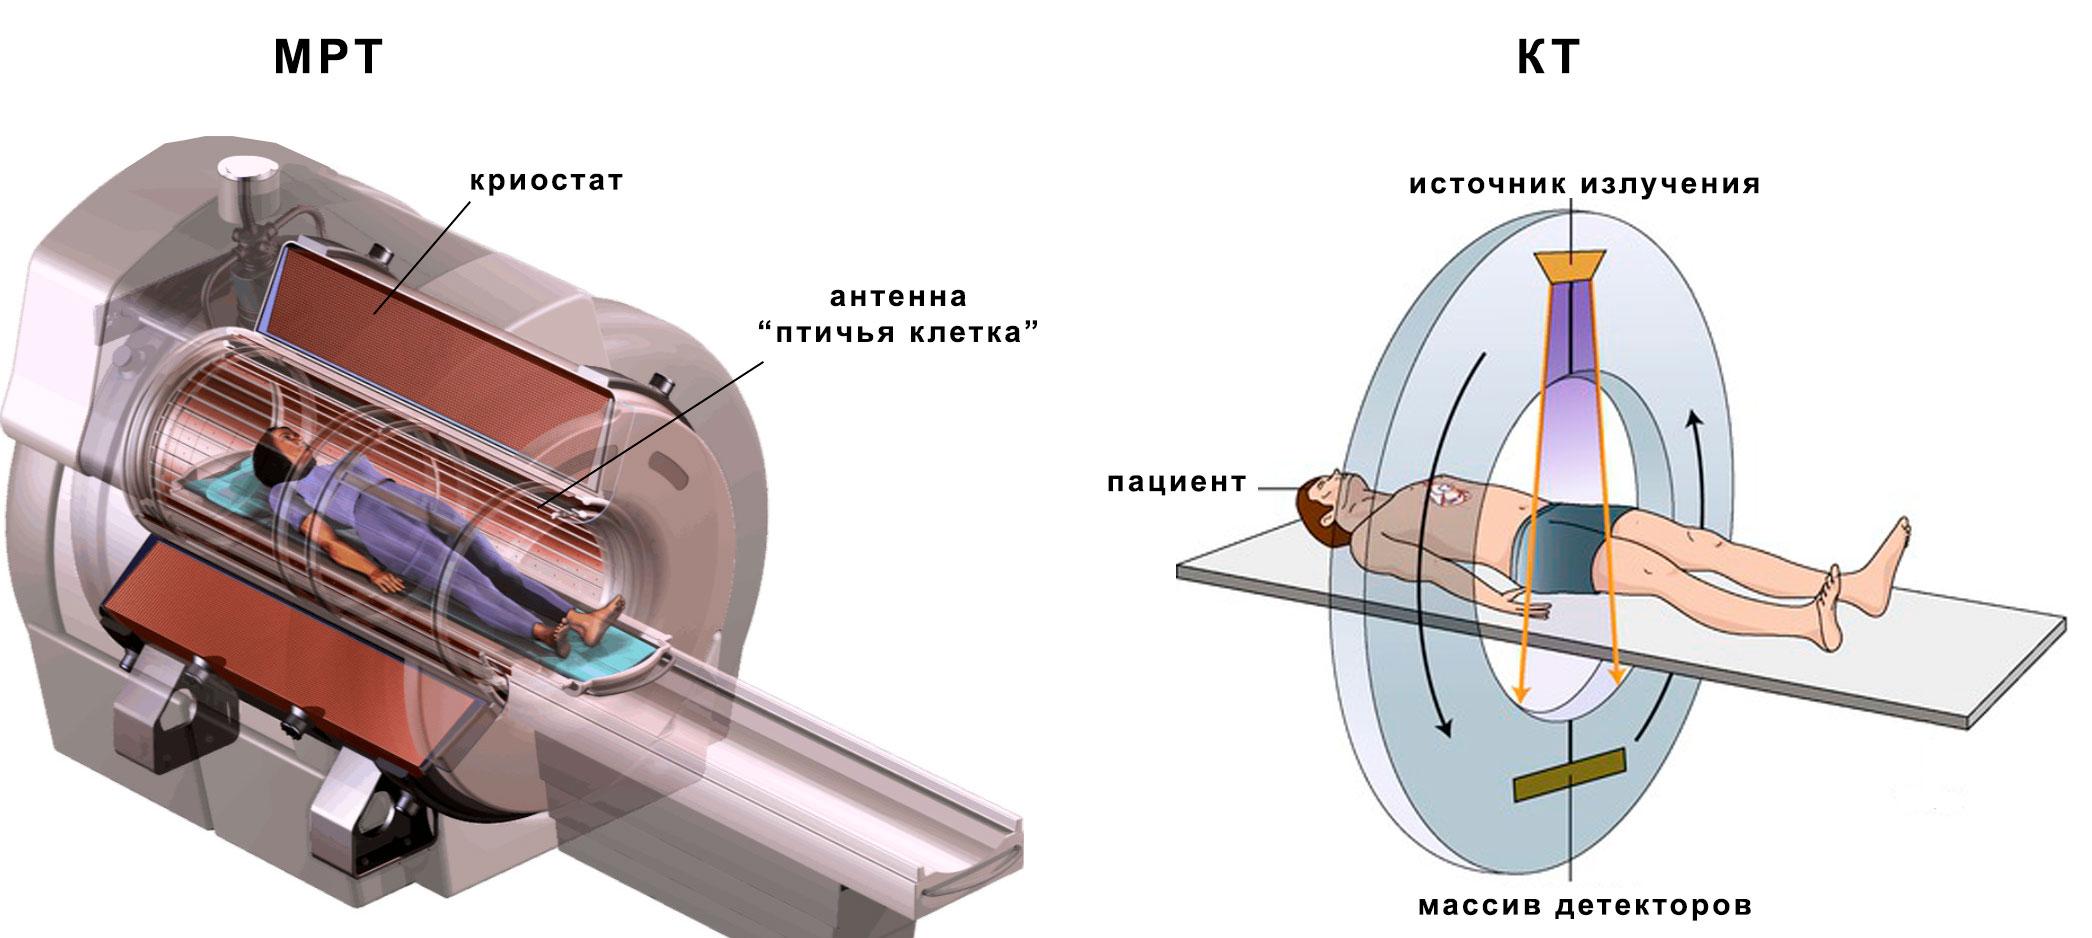 Российские ученые разработали инновационный томограф - 4